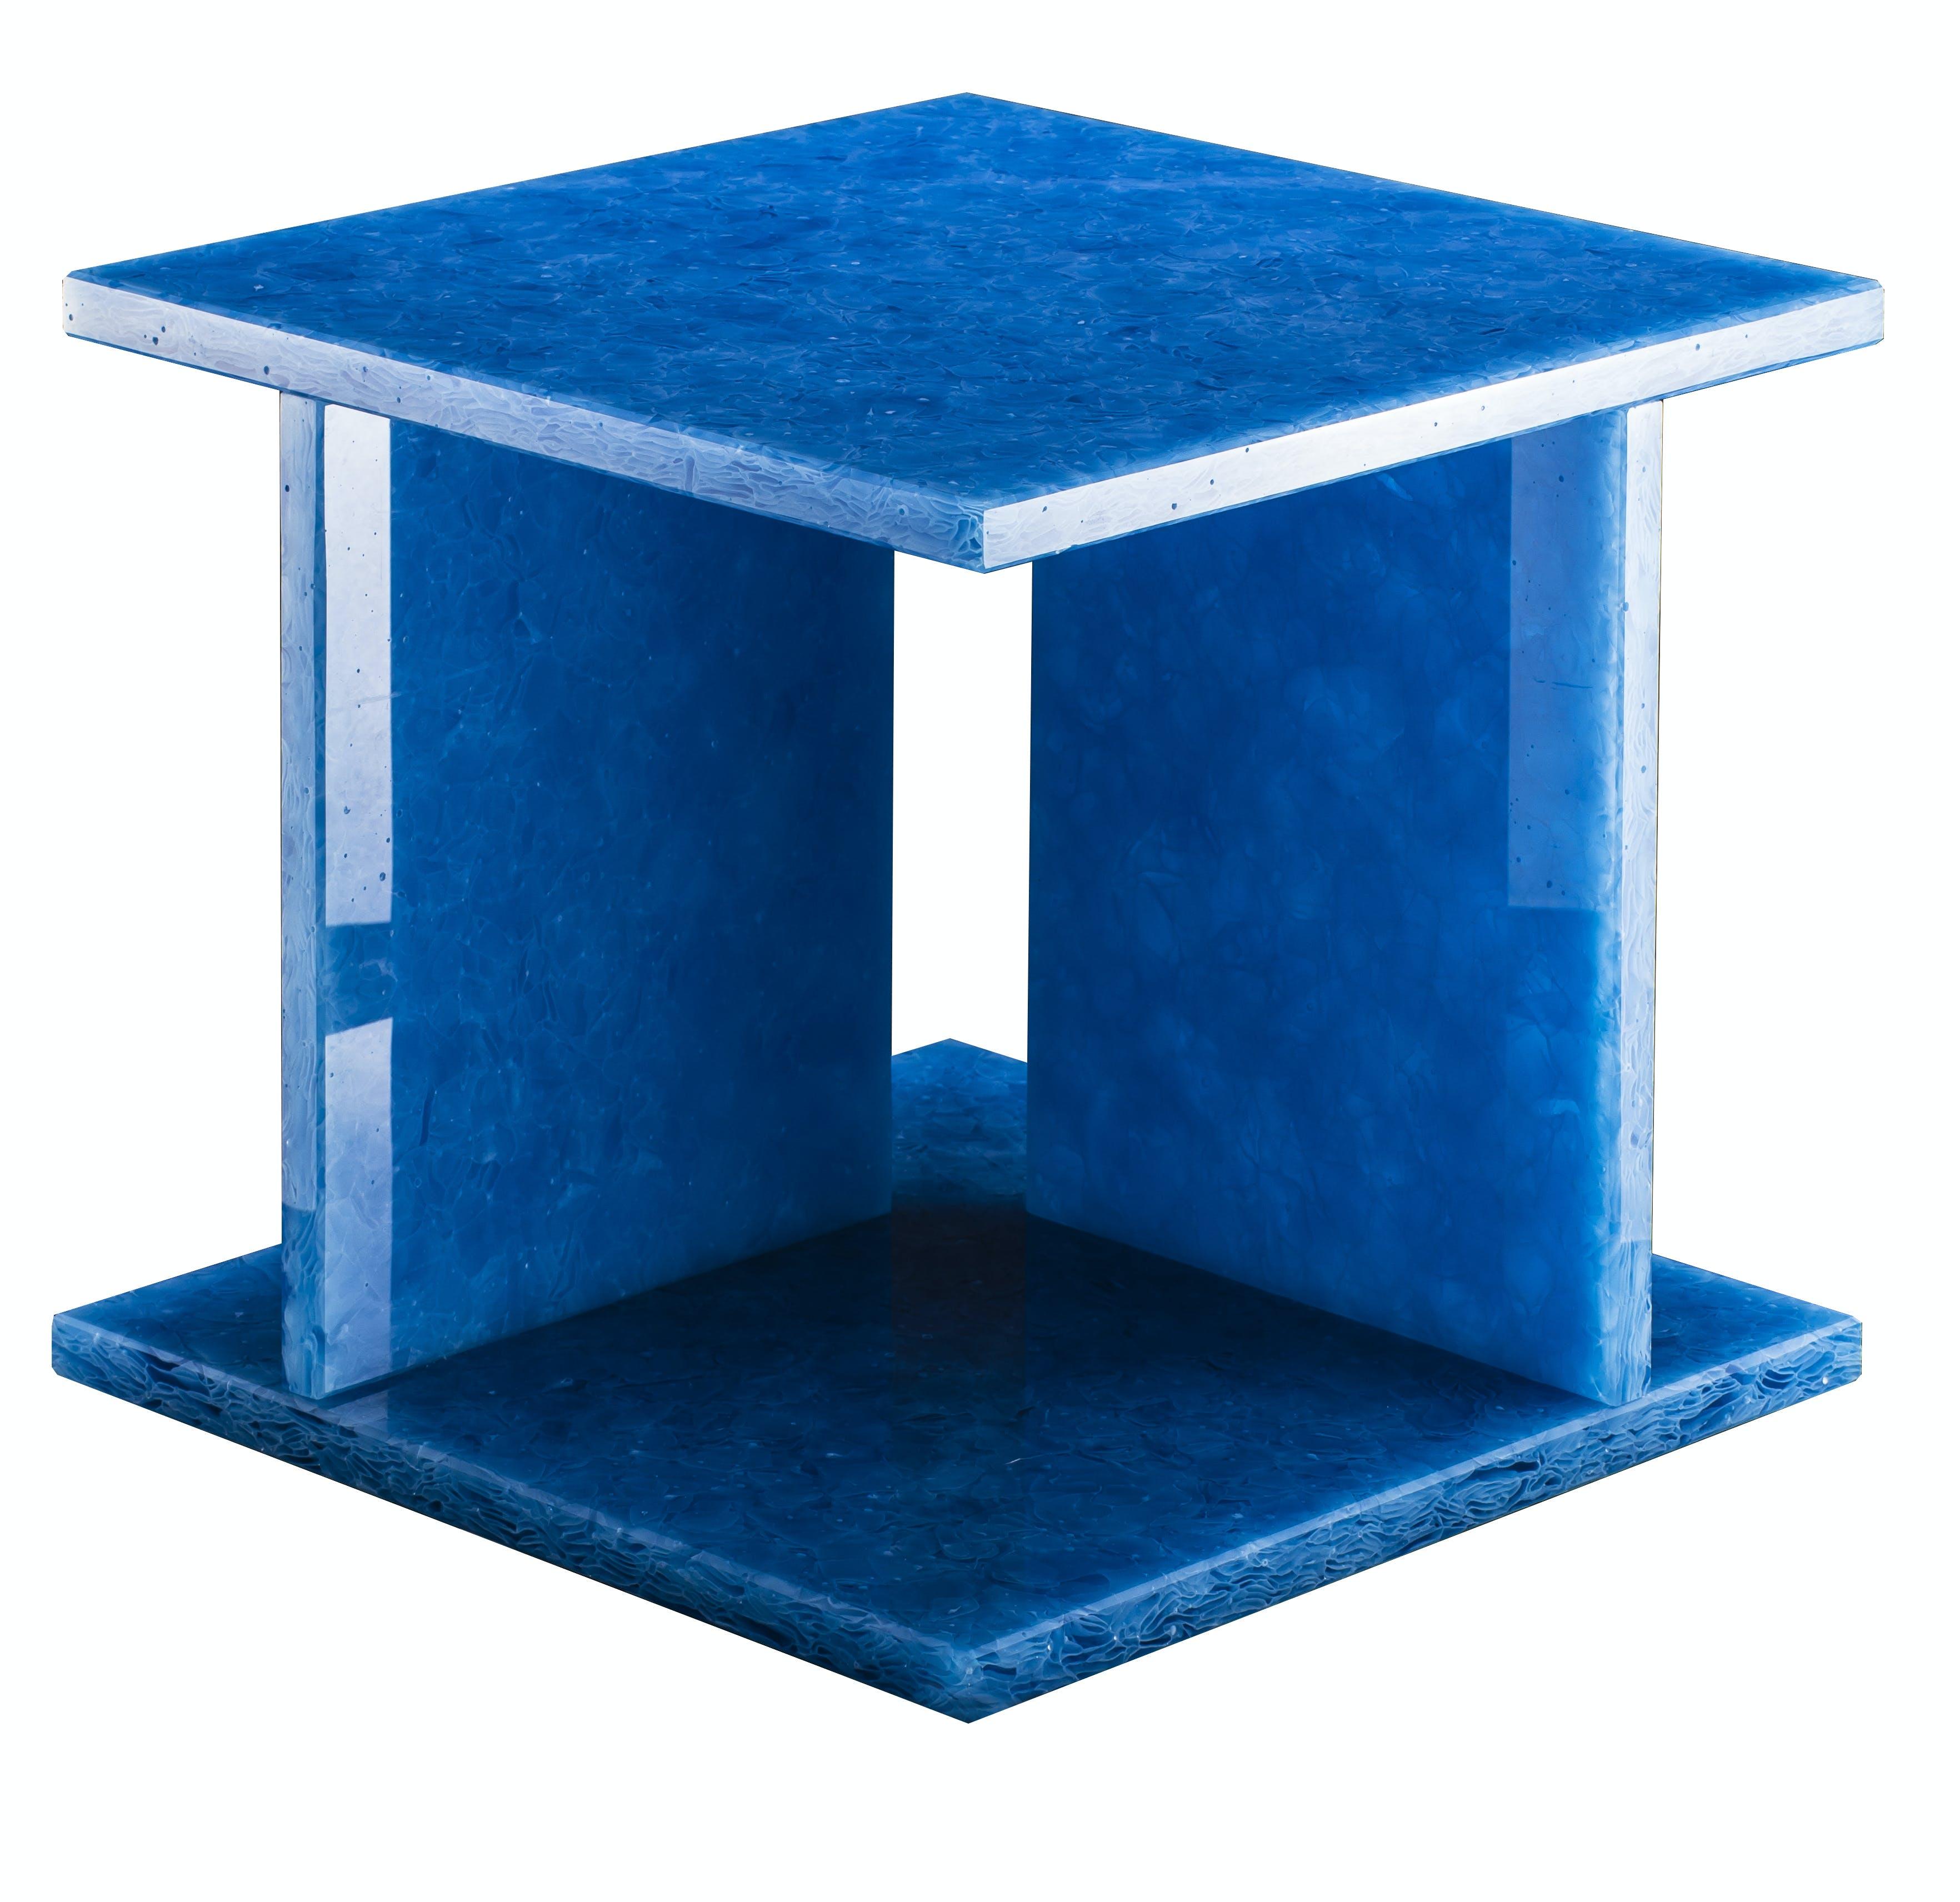 Pulpo-font-table-low-blue-haute-living